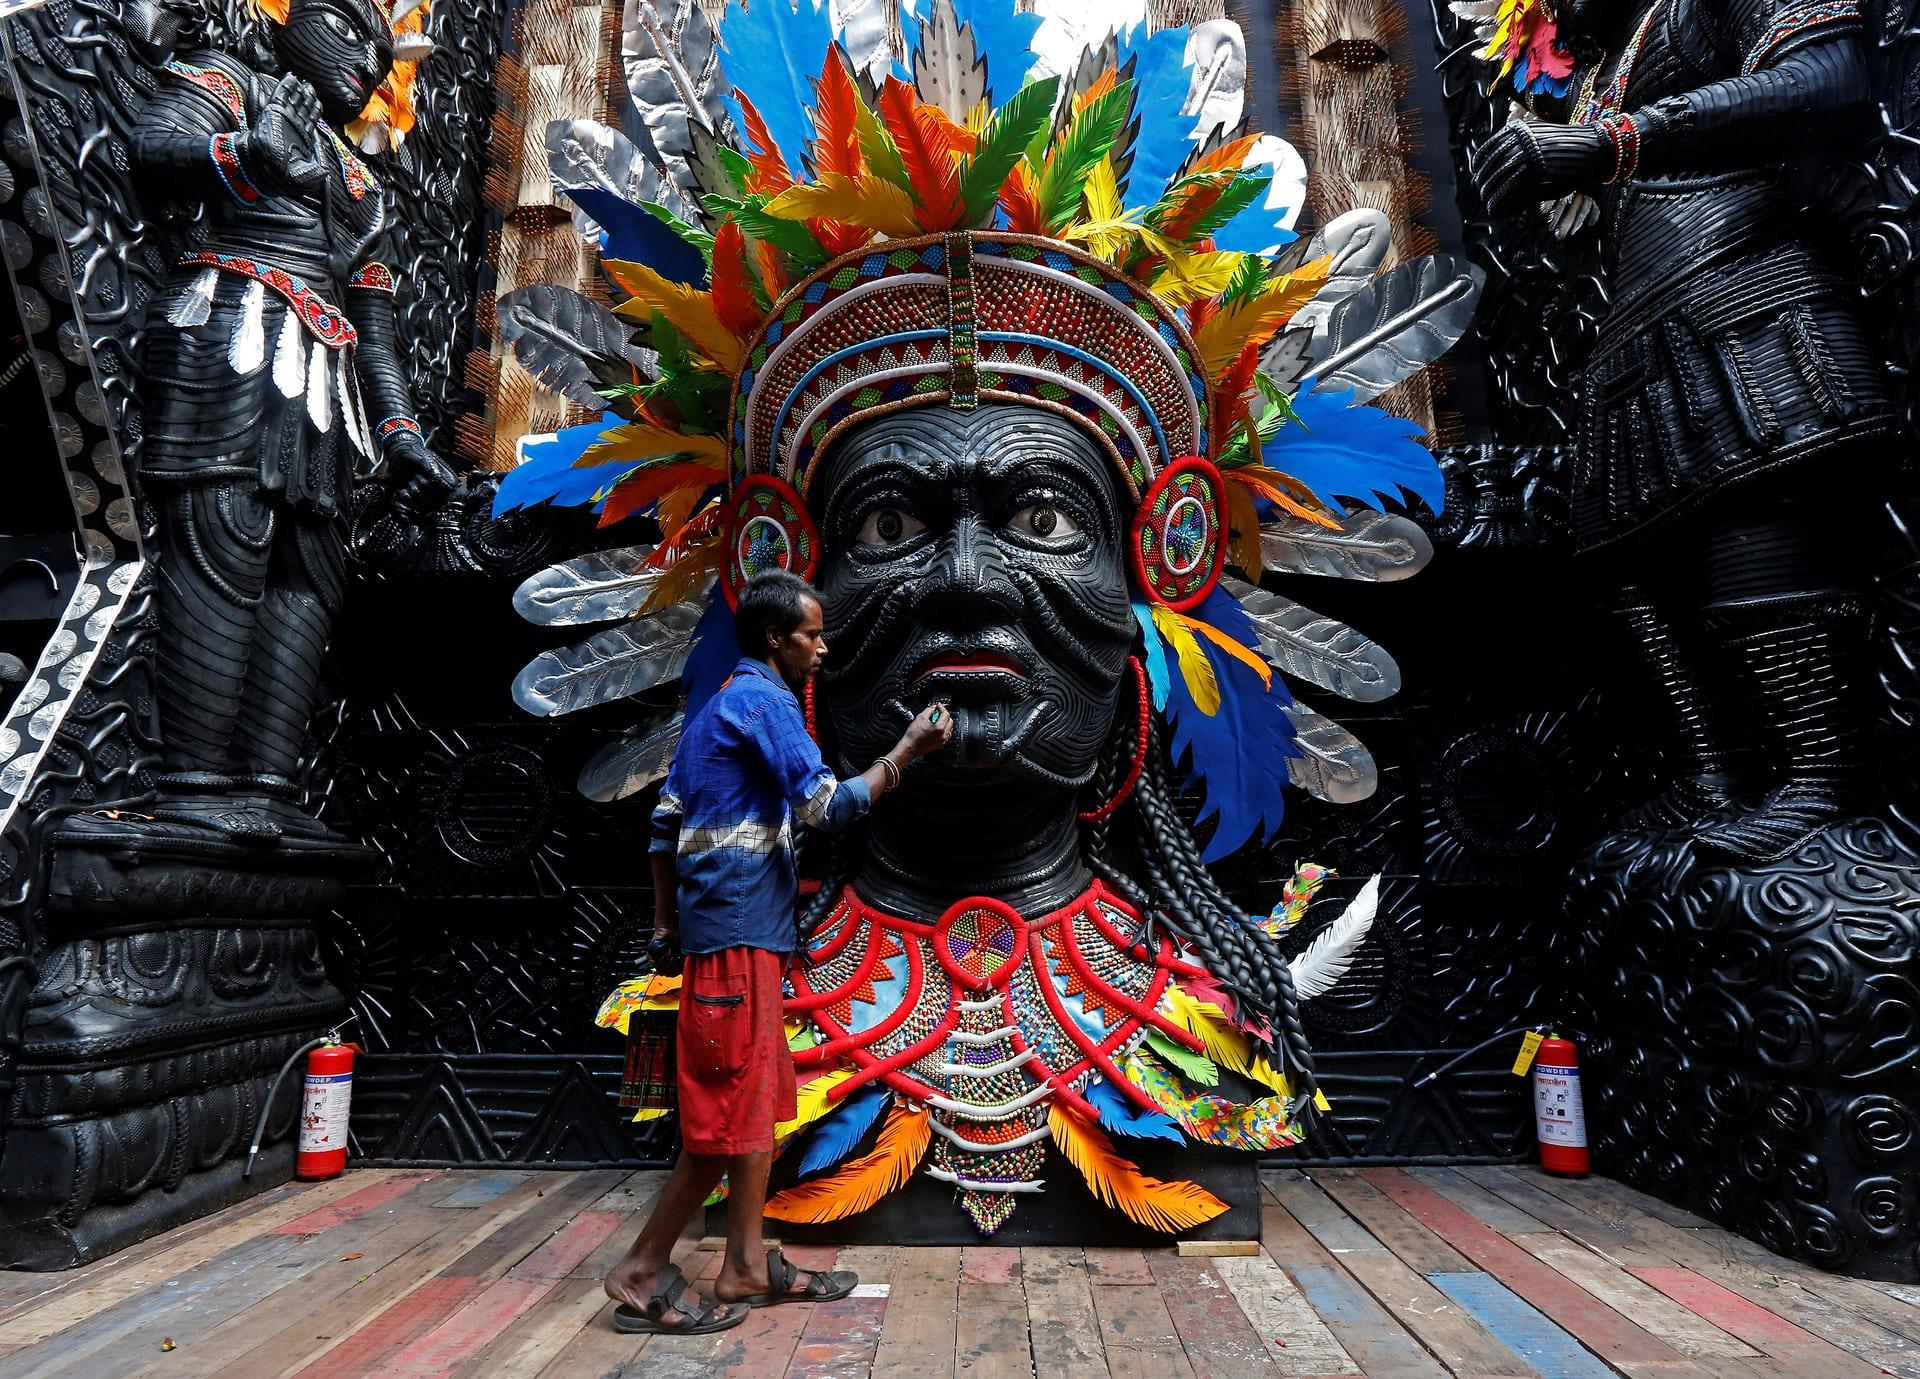 Un artista al lavoro su una statua che rappresenta la dea indù Durga, prima del festival religioso Durga Puja a Calcutta, in India